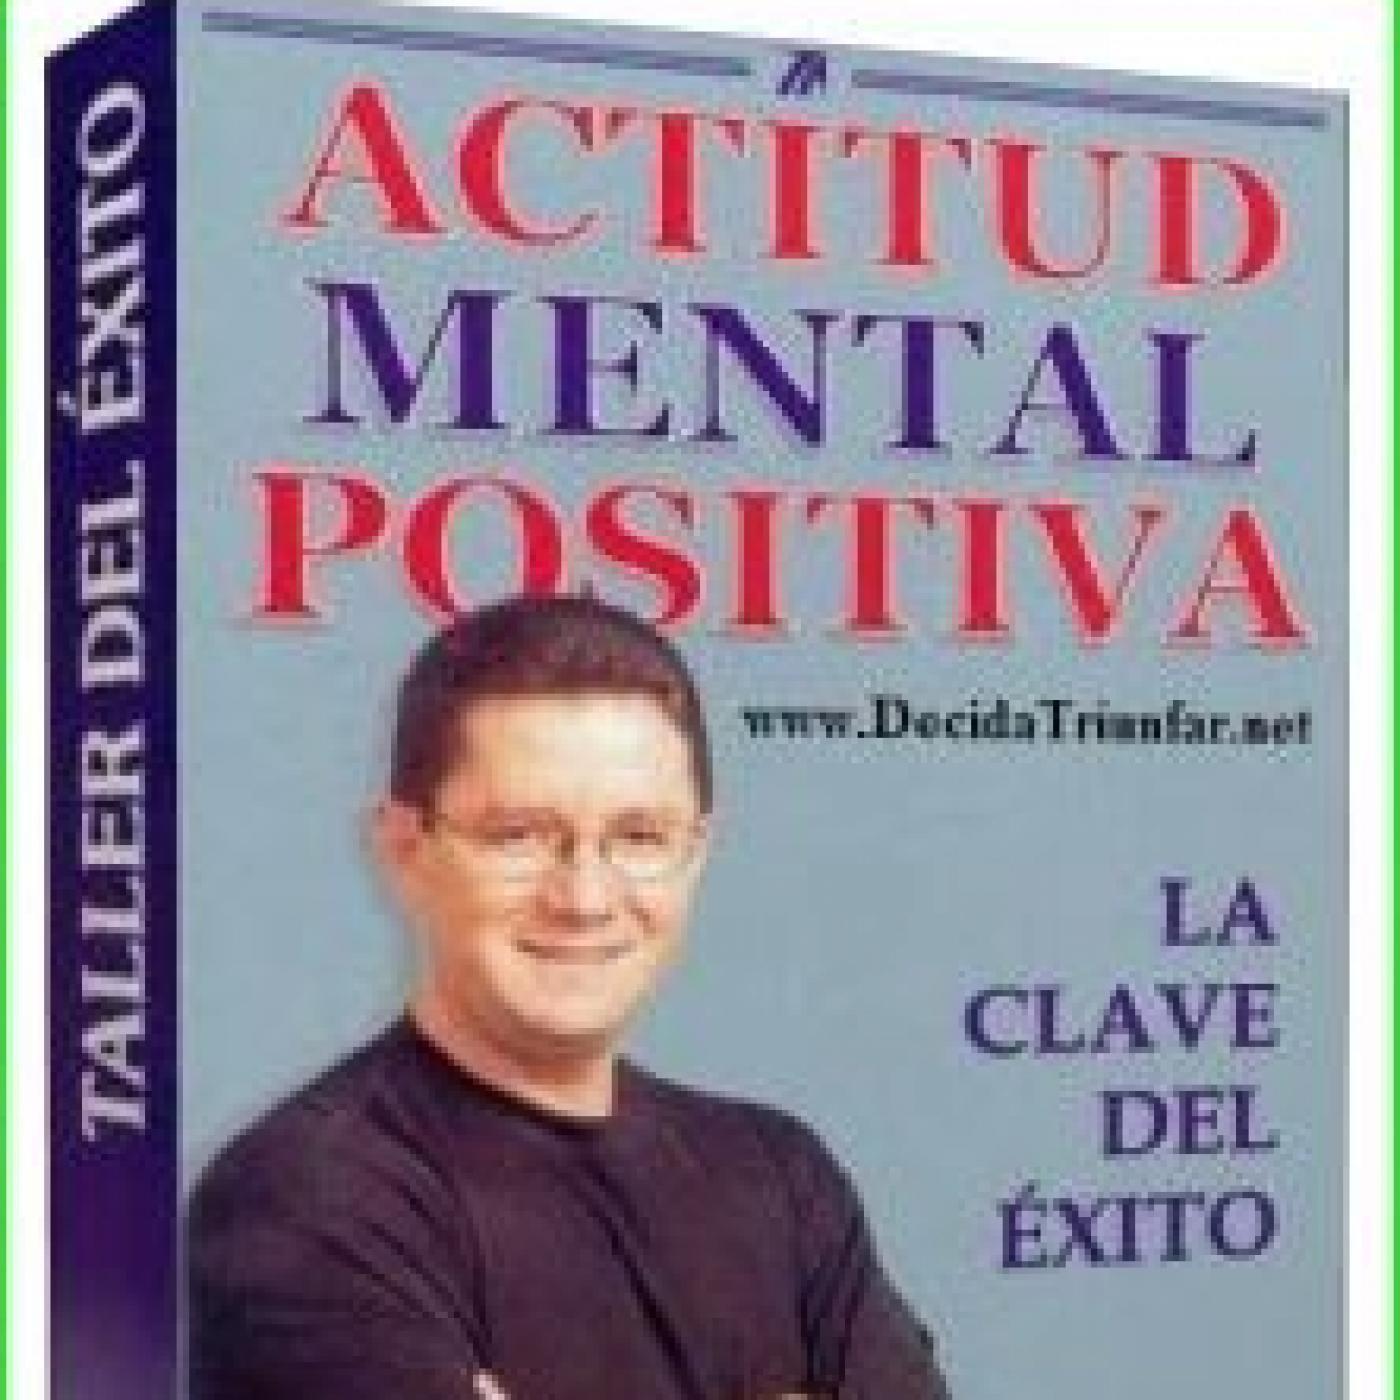 Actitud Mental Positiva - Dr. Camilo Cruz in Éxito Extremo in mp3(06/05 a  las 15:03:19) 01:27:10 11432899 - iVoox